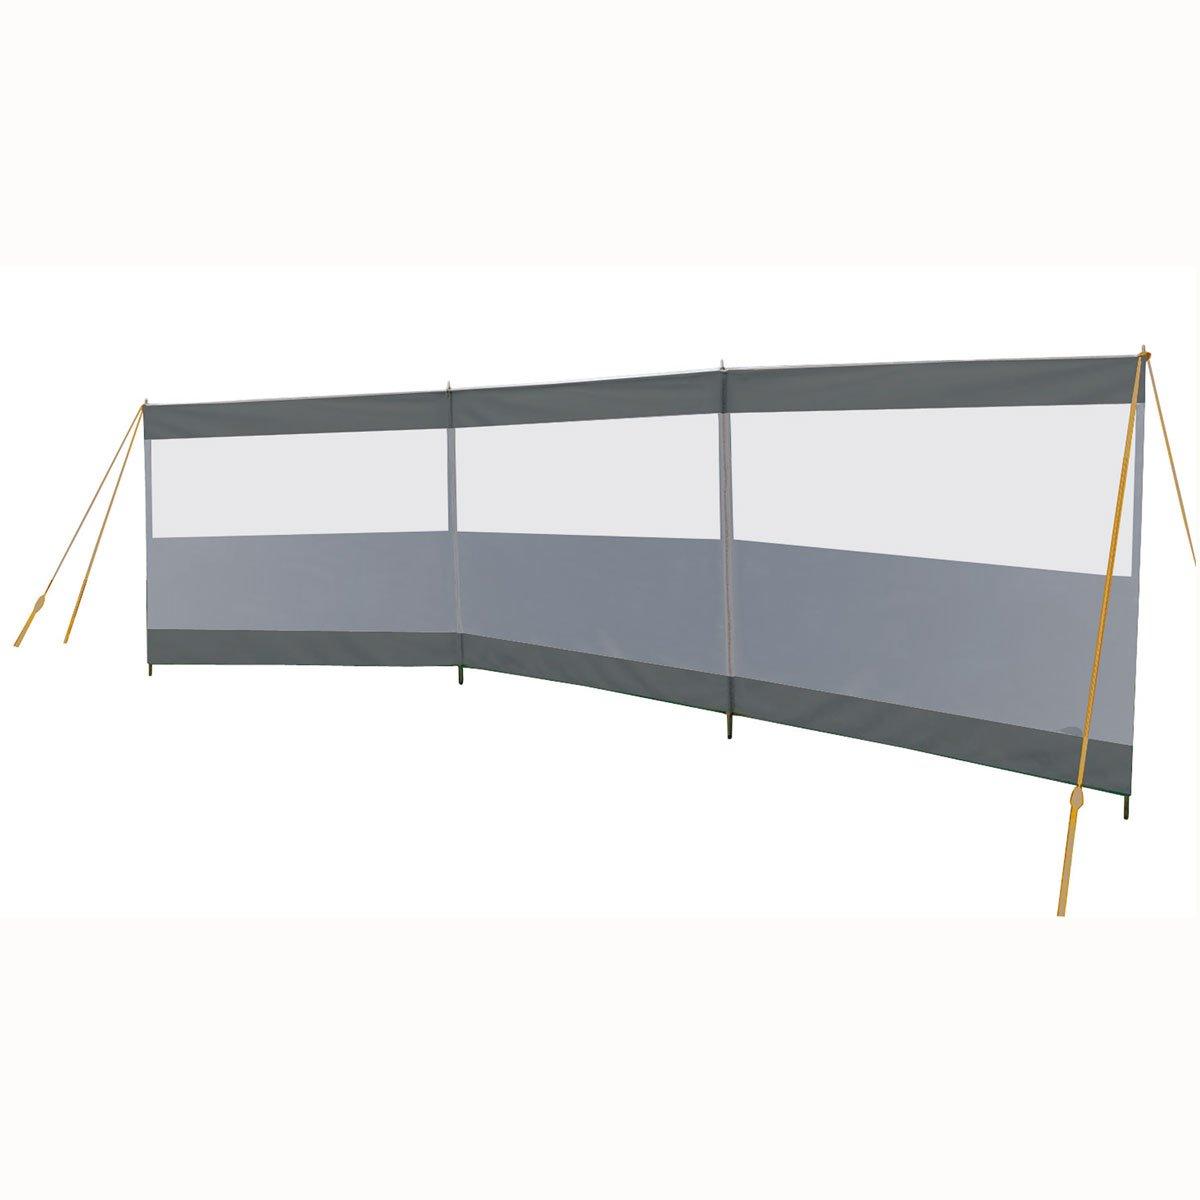 Windschutz mit Fenster 500x140 cm: Sicht Schutz Sonnen Camping Strand Garten Terasse Seitenmarkise Zaun